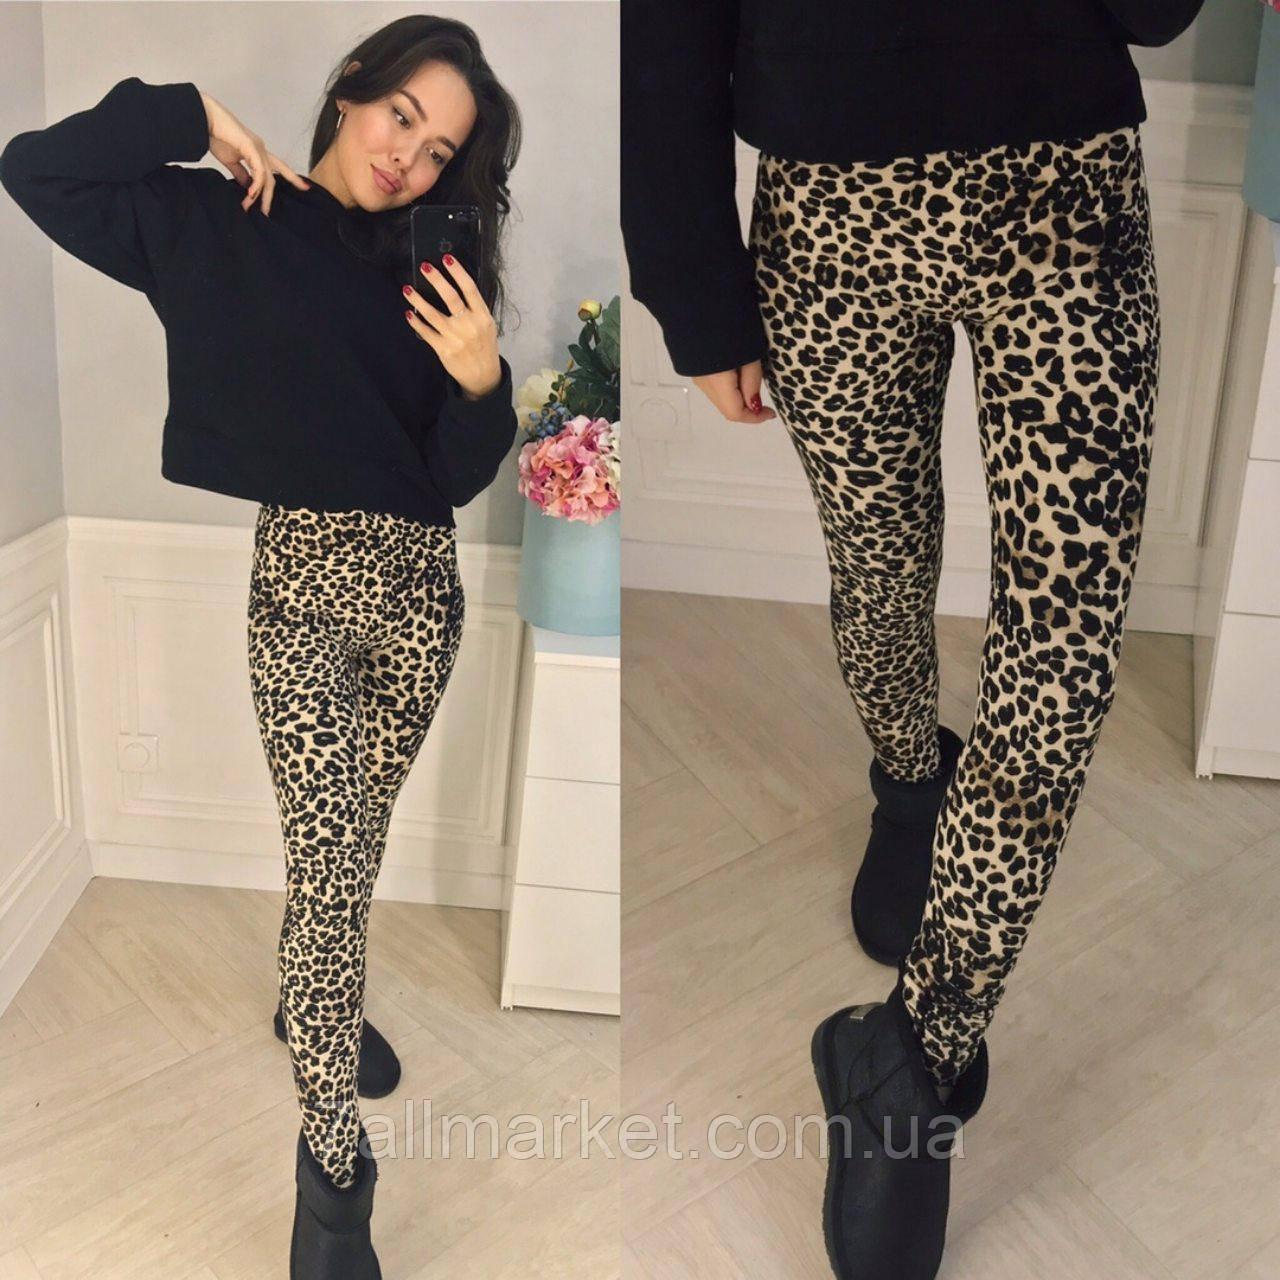 5e61925672805 Лосины женские леопардовые с напылением размеры 42-58